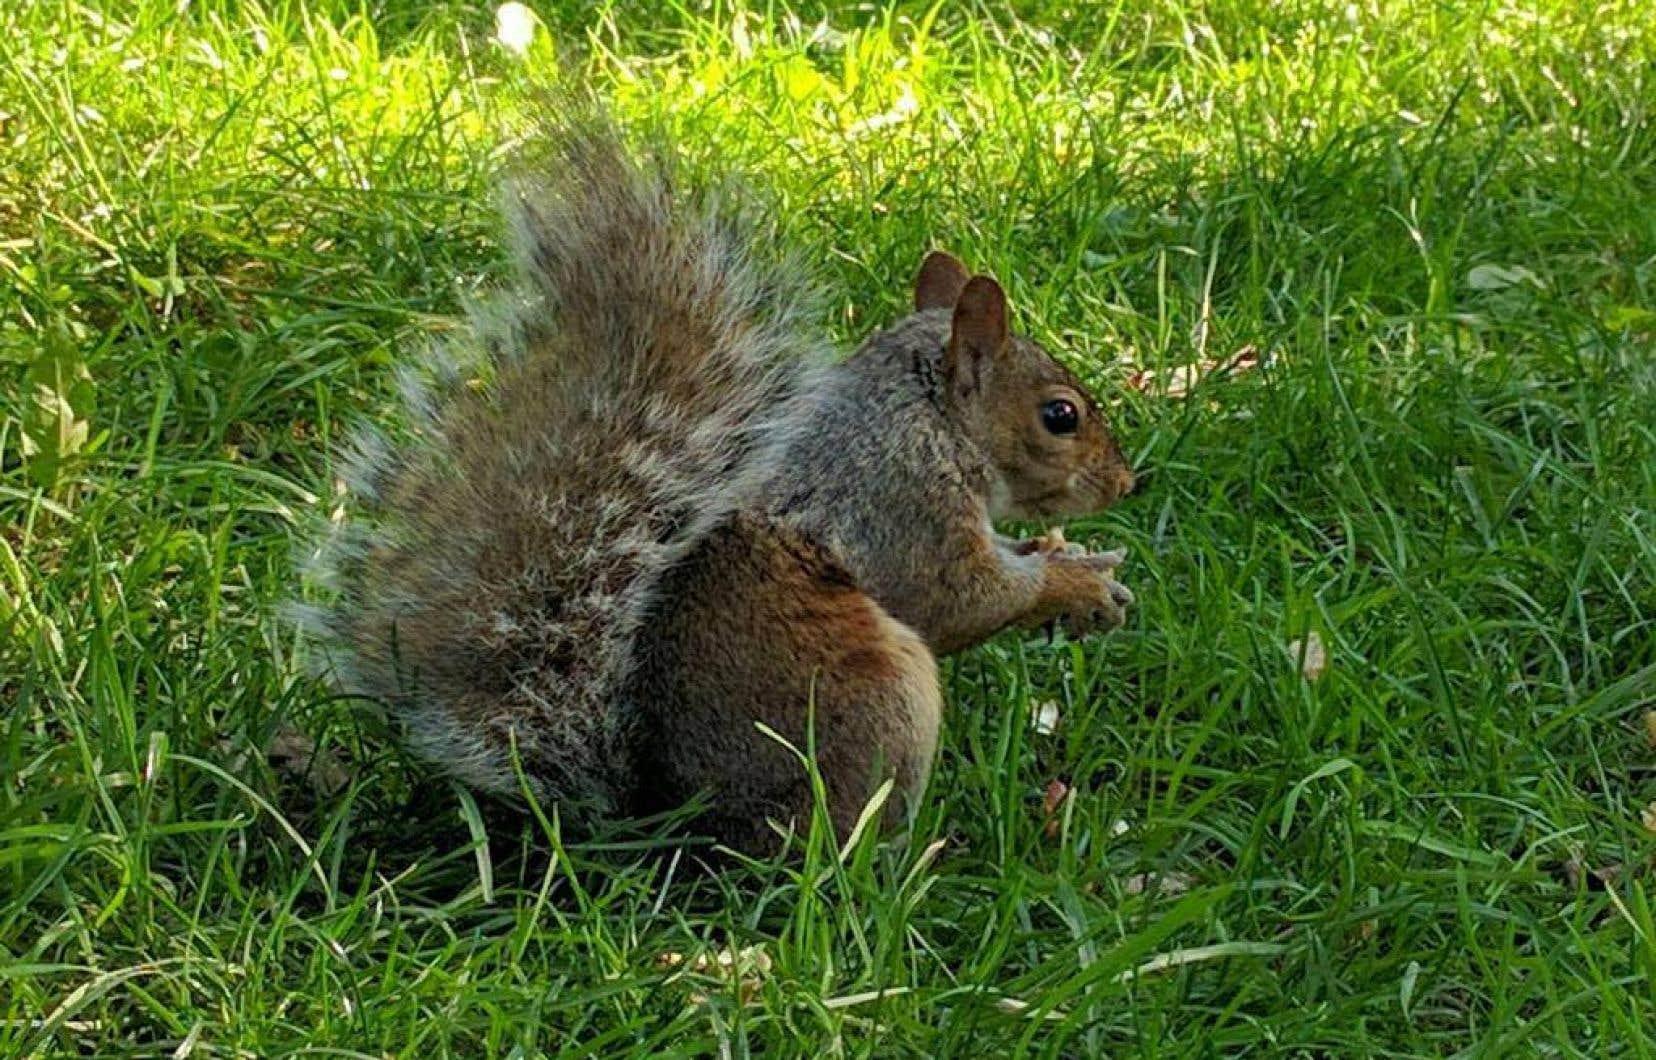 Selon le directeur de la Fédération québécoise des chasseurs et pêcheurs, Alain Cossette, «la viande d'écureuil est délicieuse».